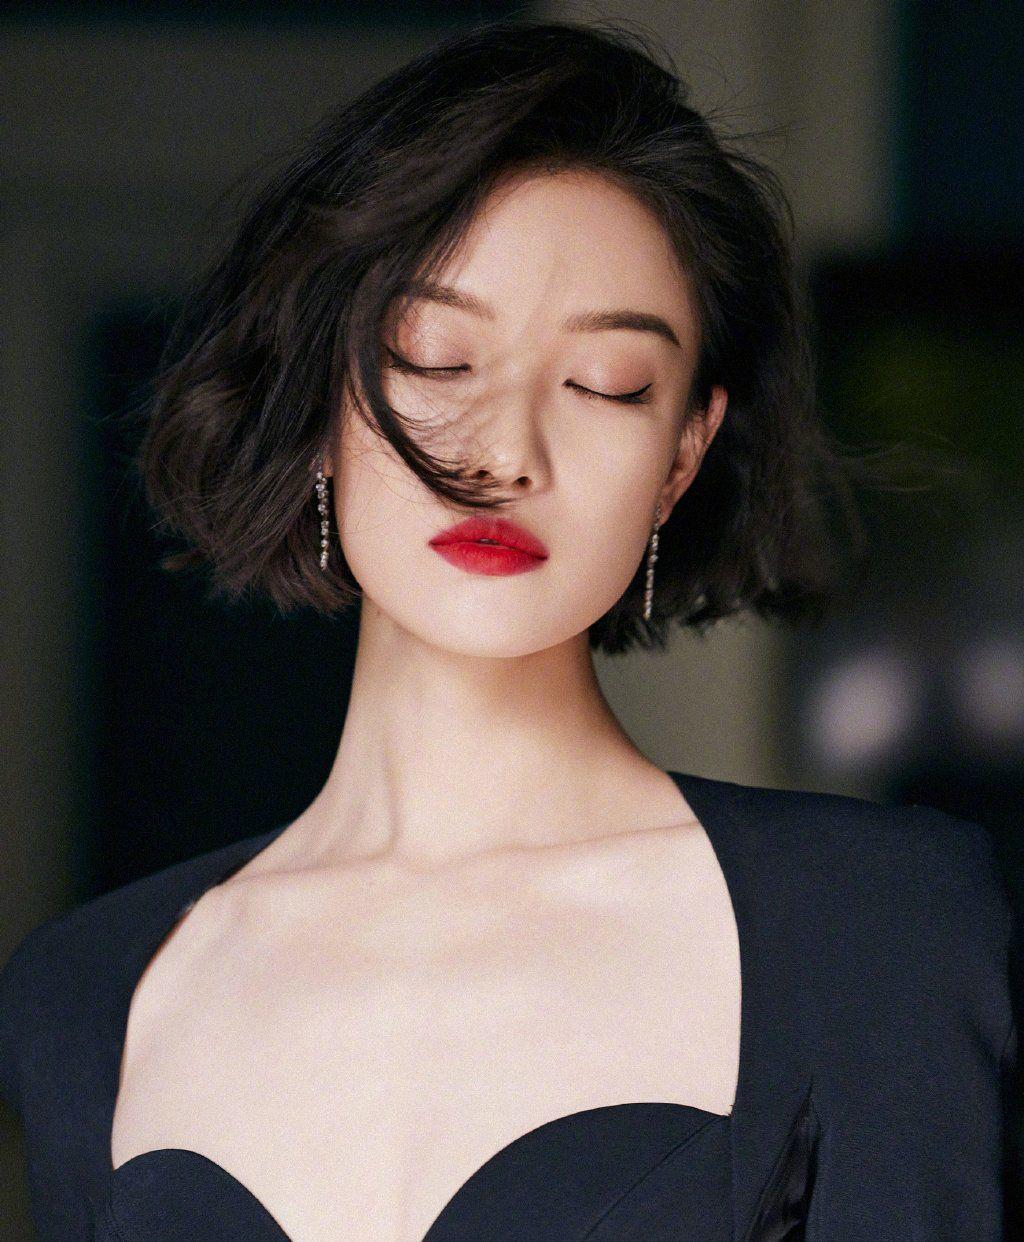 倪妮今日份活动造型图,黑色紧身宫廷礼服+红唇短发锁骨!美到窒